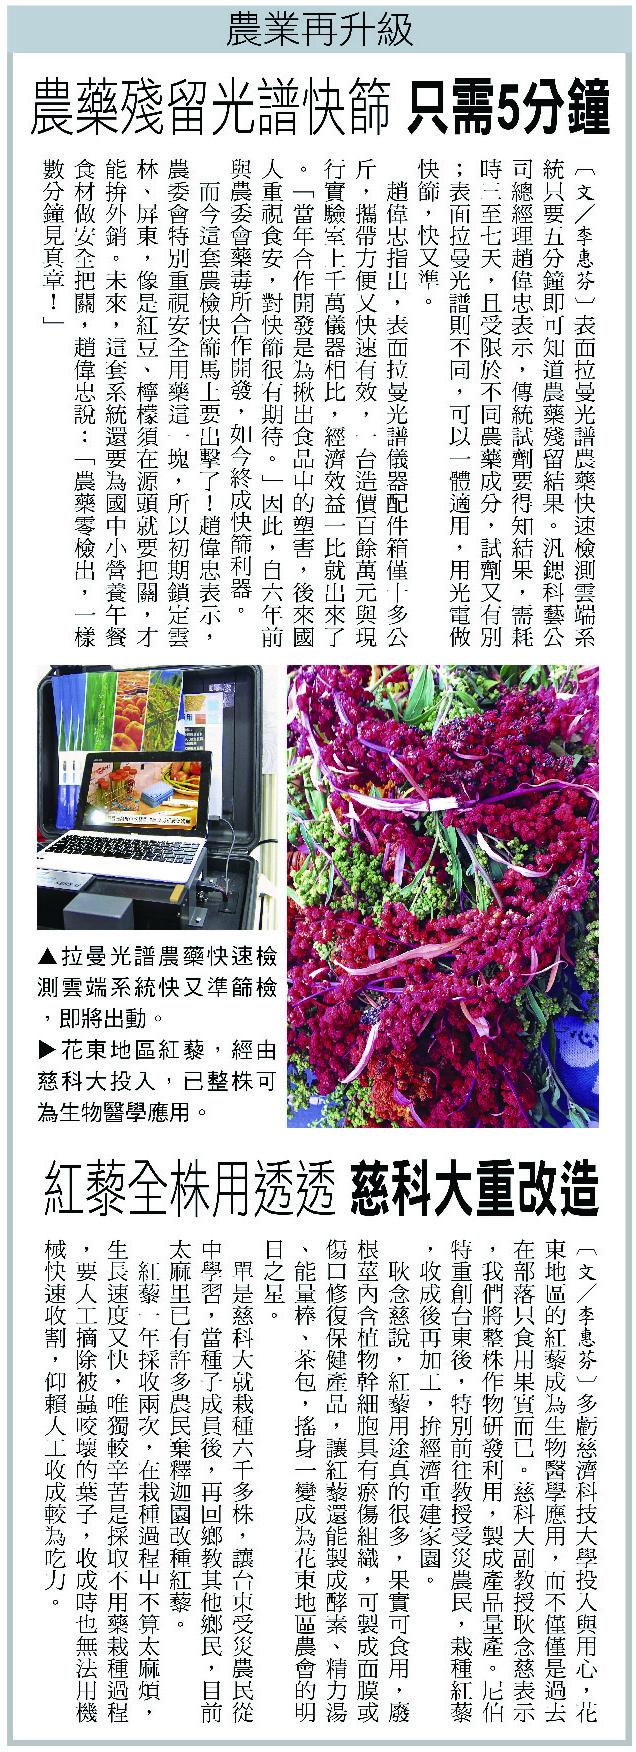 2017-12-12_自由時報_農藥殘留光譜快篩 只需5分鐘